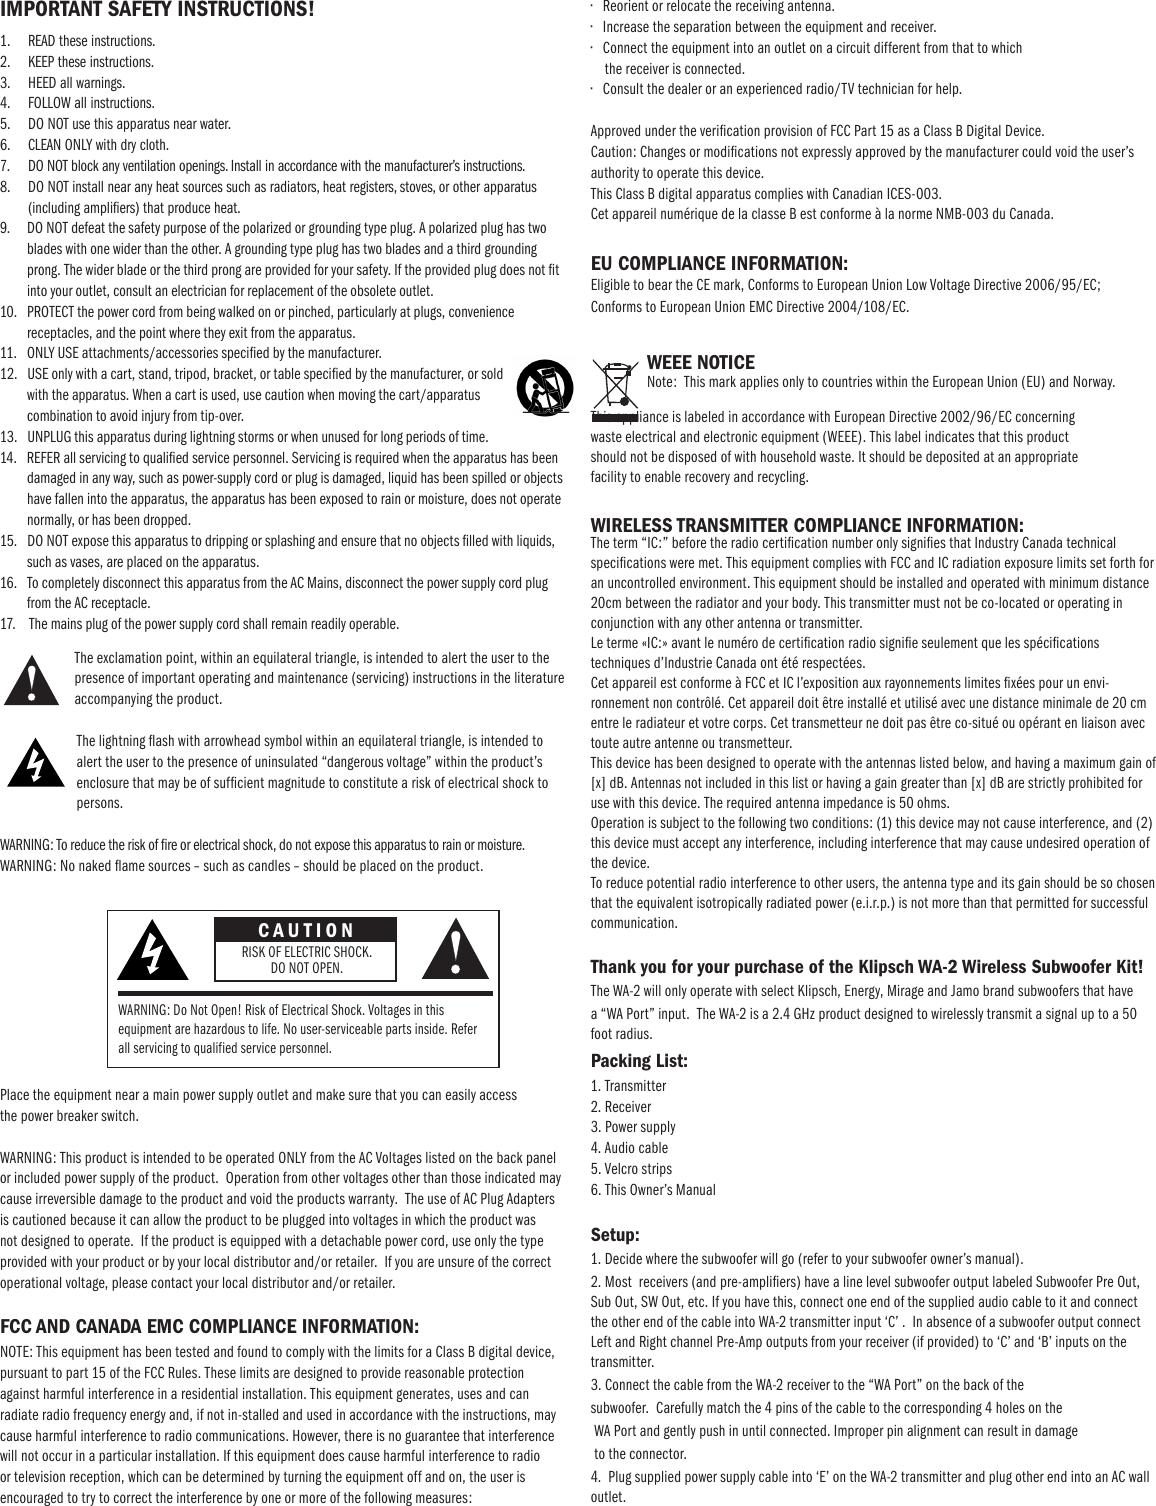 Klipsch Speaker Wa 2 Users Manual